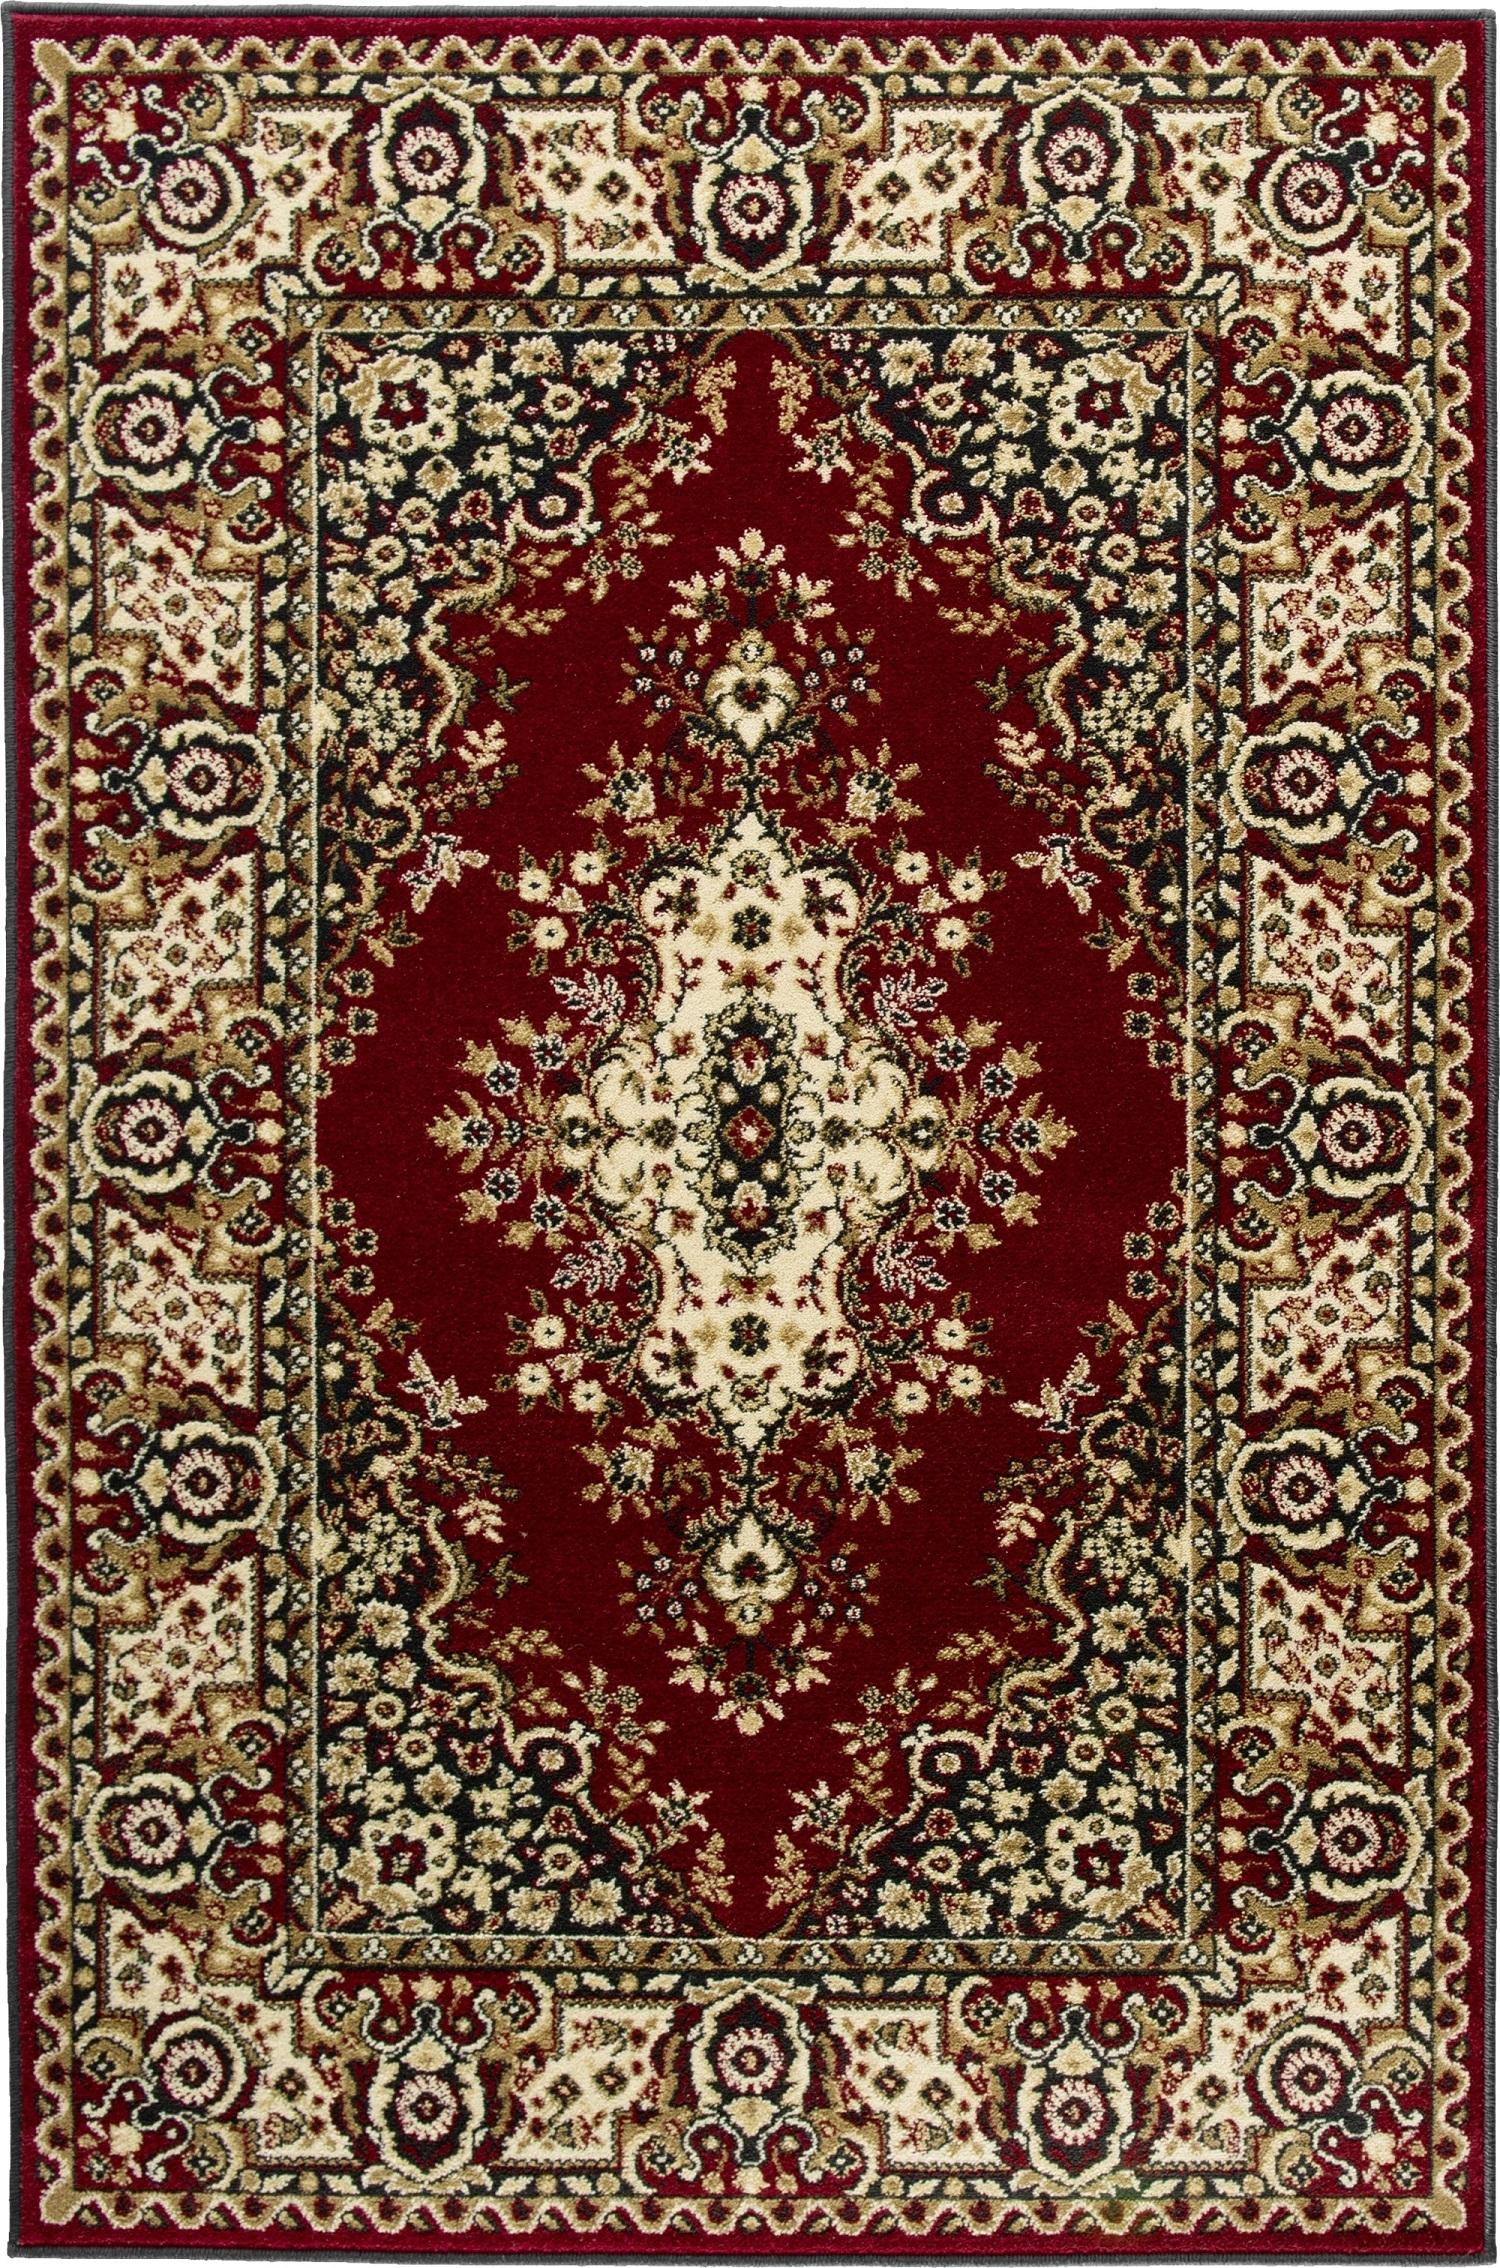 Covor Fatima Dark Red, Wilton-170 X 240 Cm